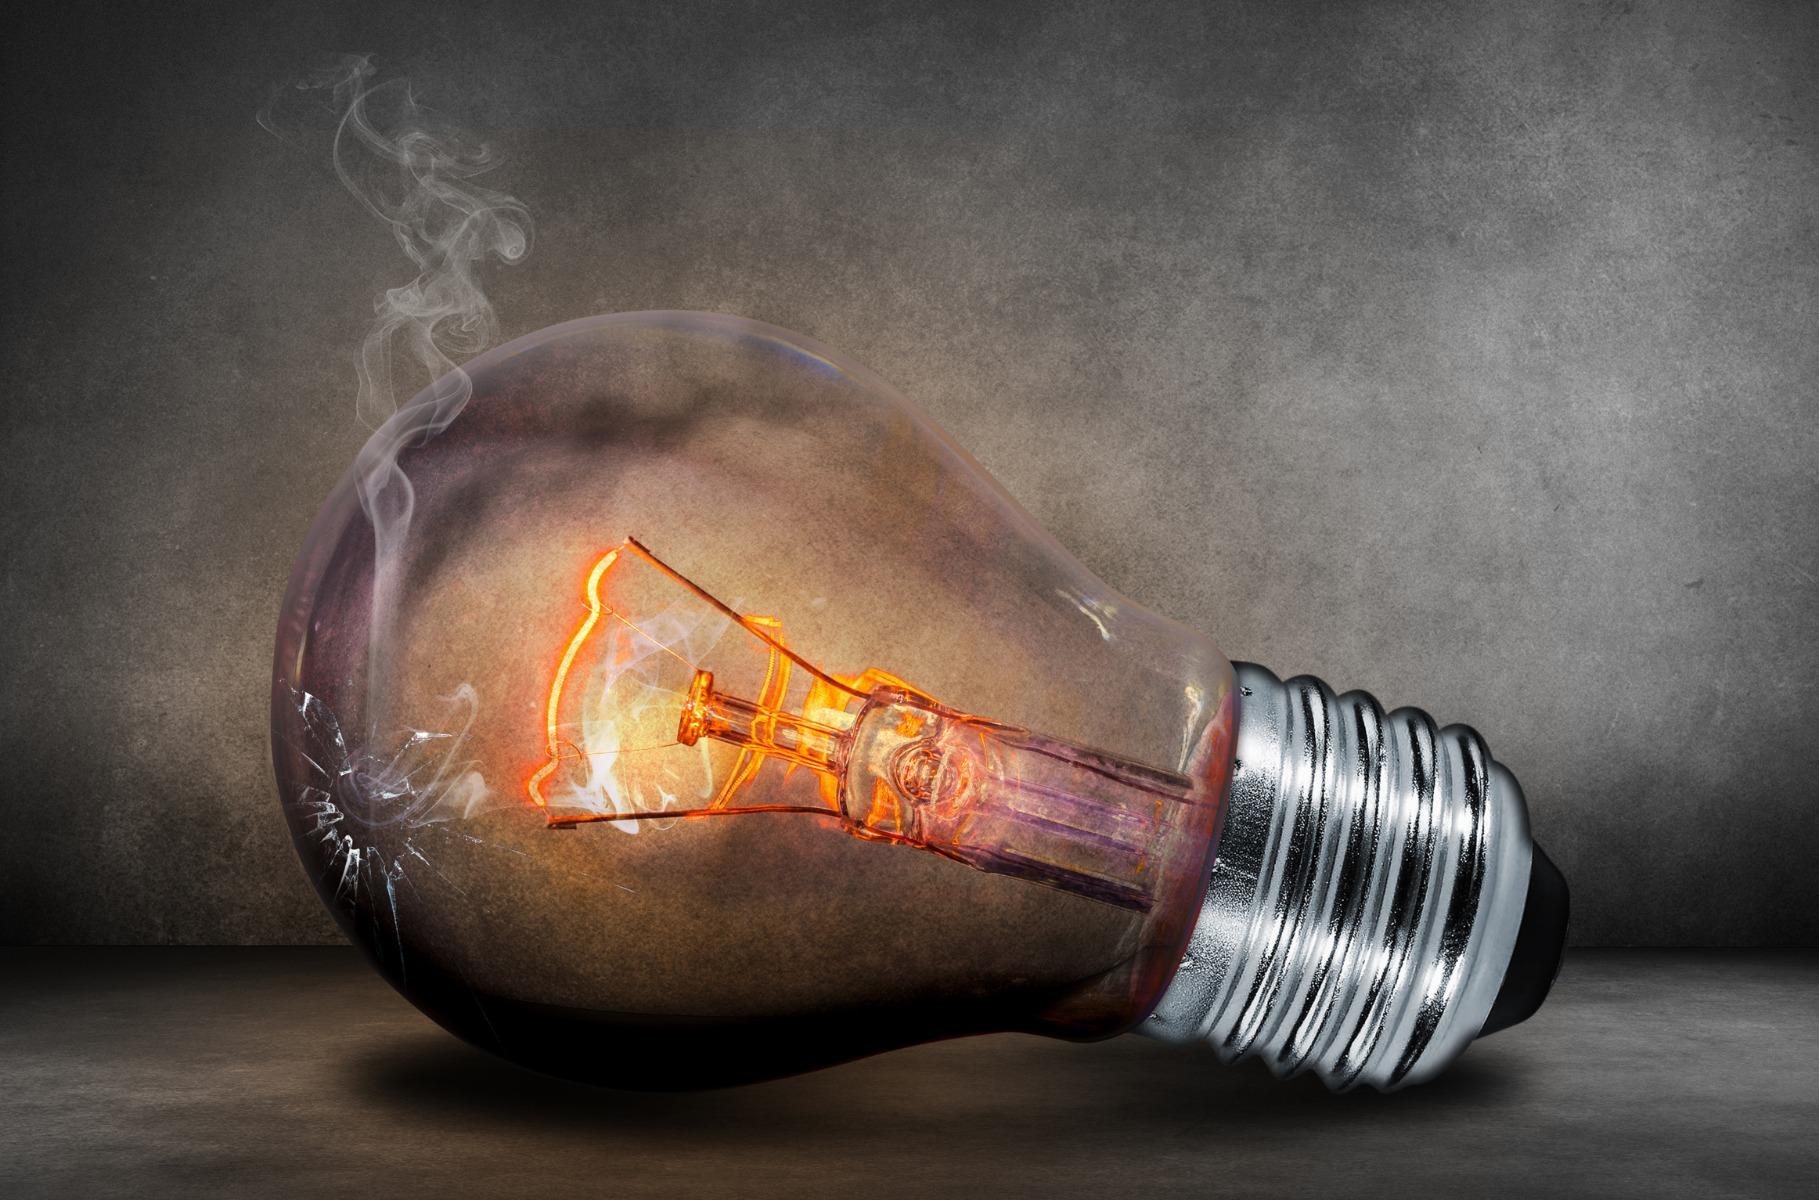 Uitfasering Lichtbronnen: Oude Gloeilamp